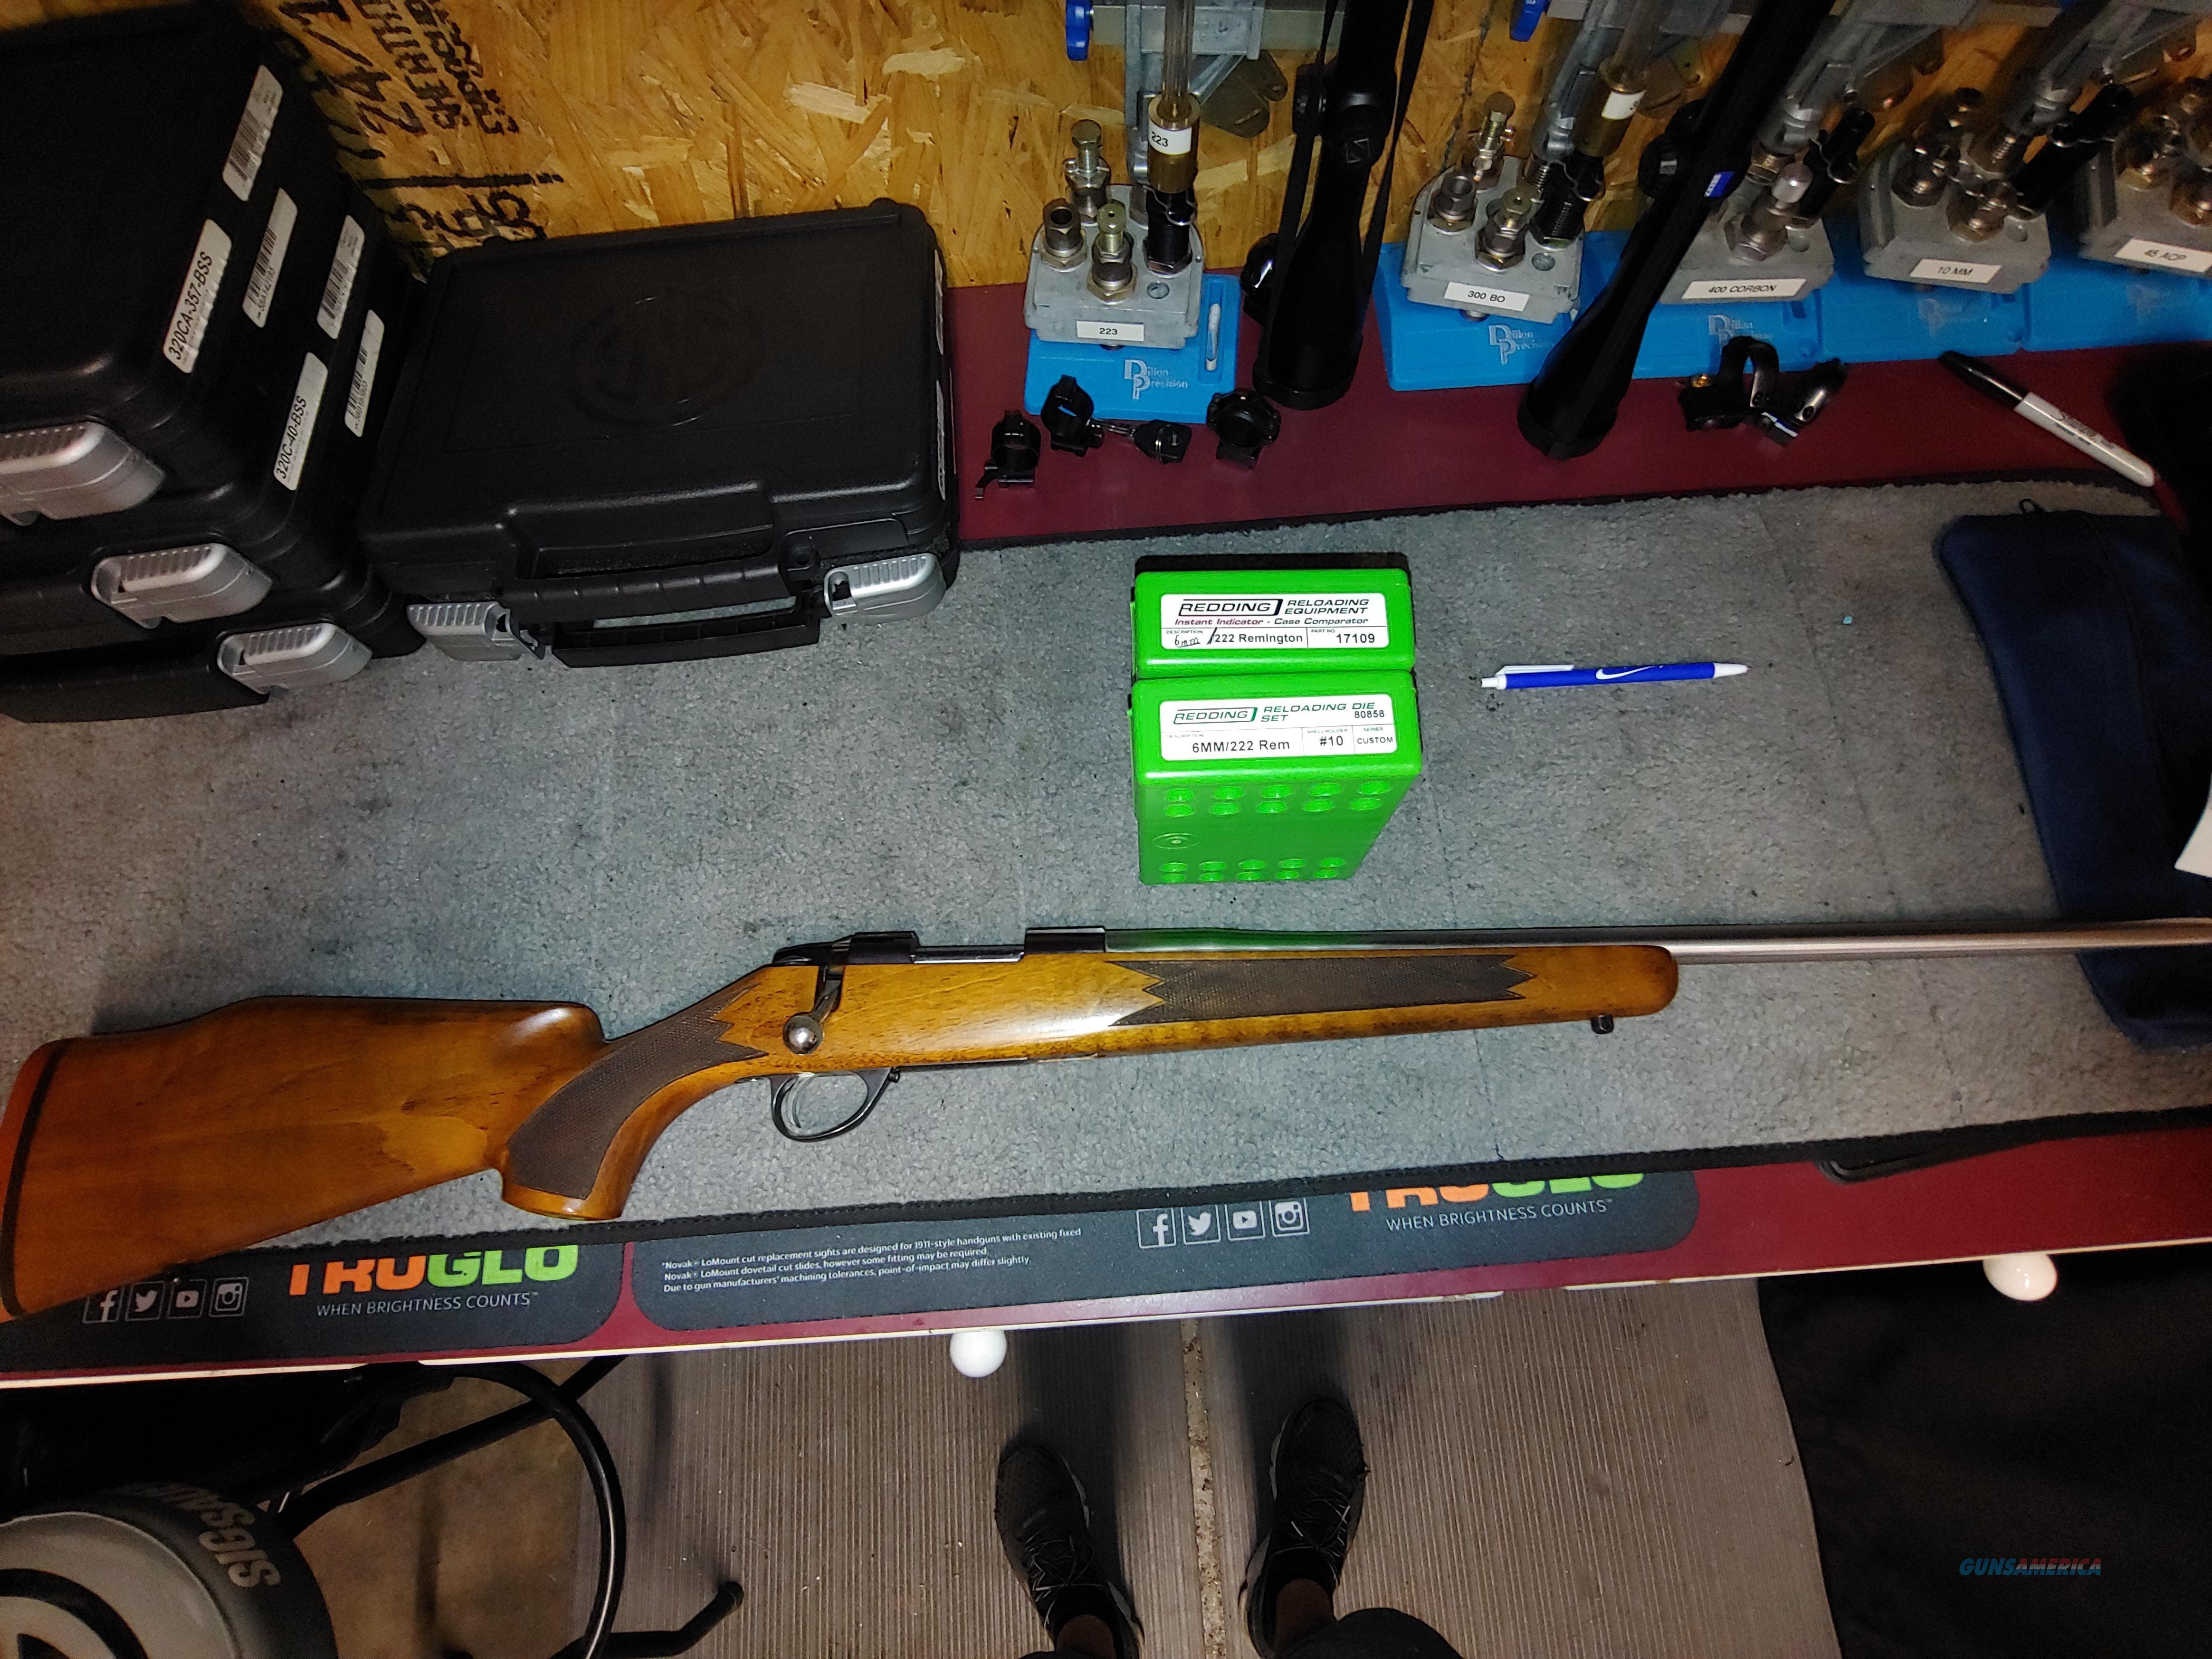 SAKO A1  Guns > Rifles > Sako Rifles > Other Bolt Action